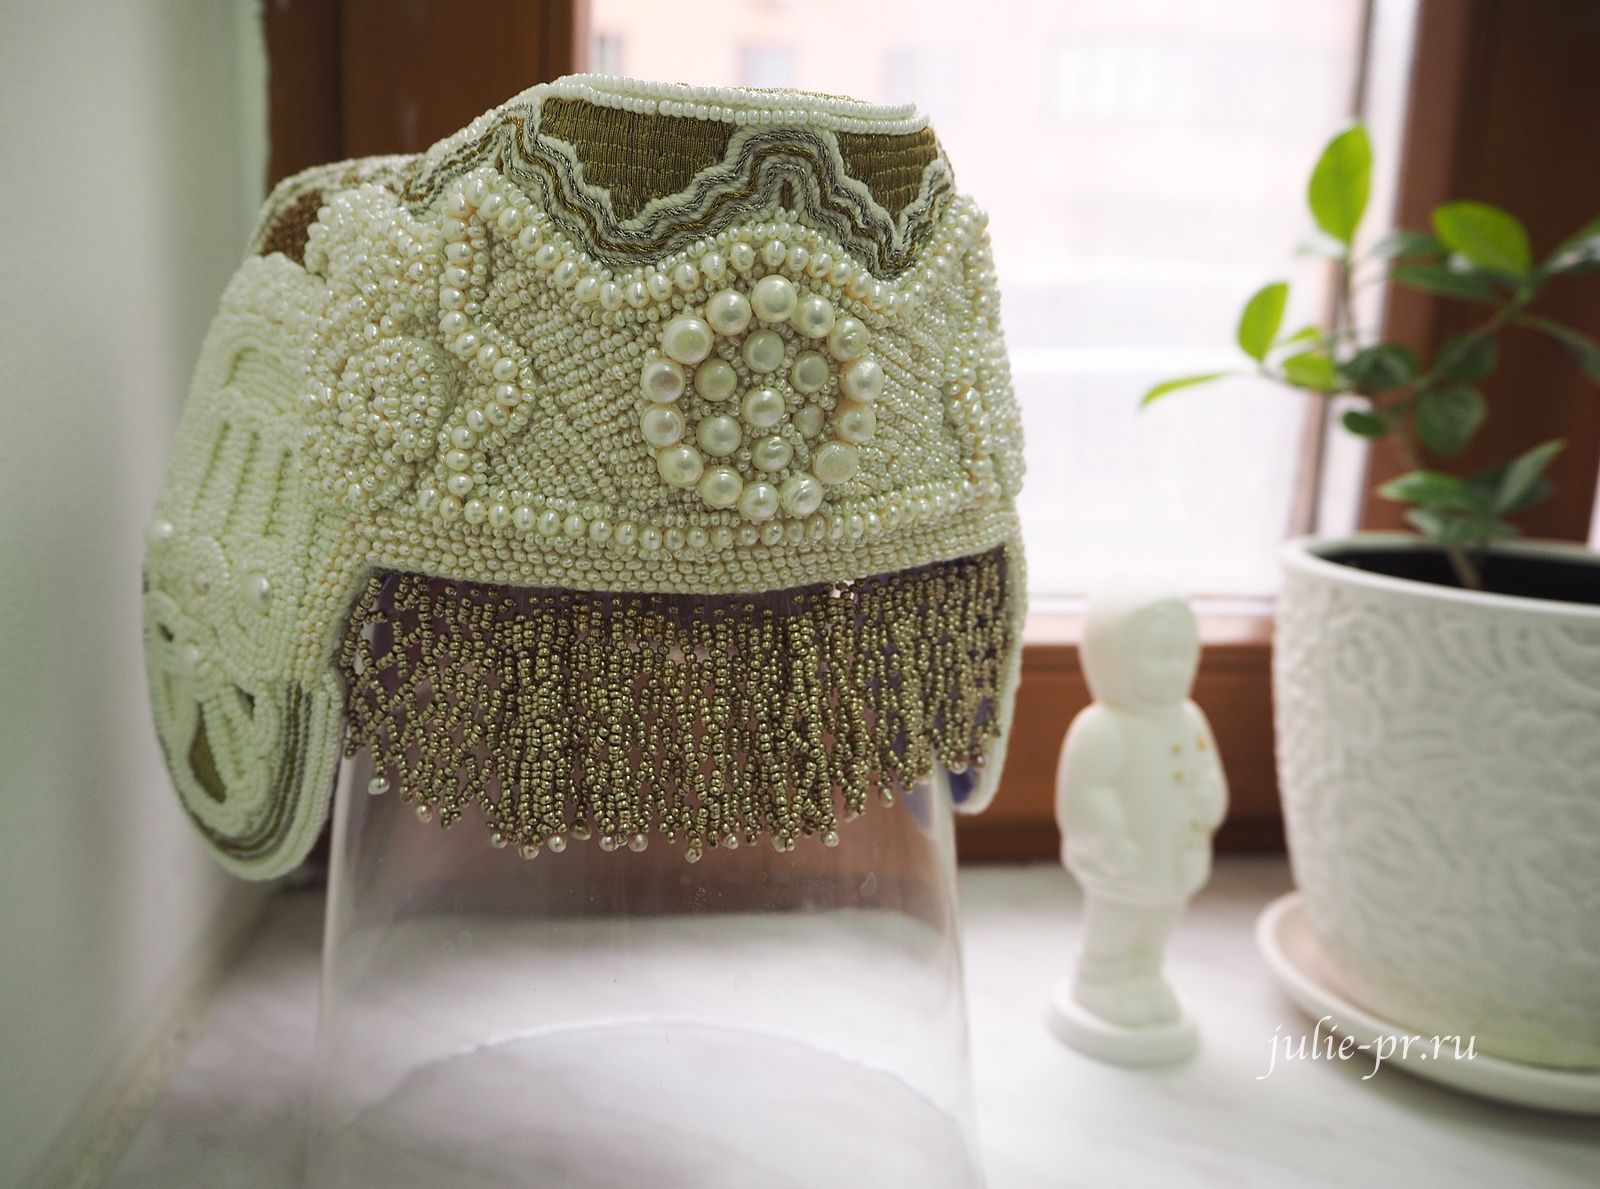 Кокошник, вышивка бисером, низание бисером, Катерина Мороз, вышивка жемчугом